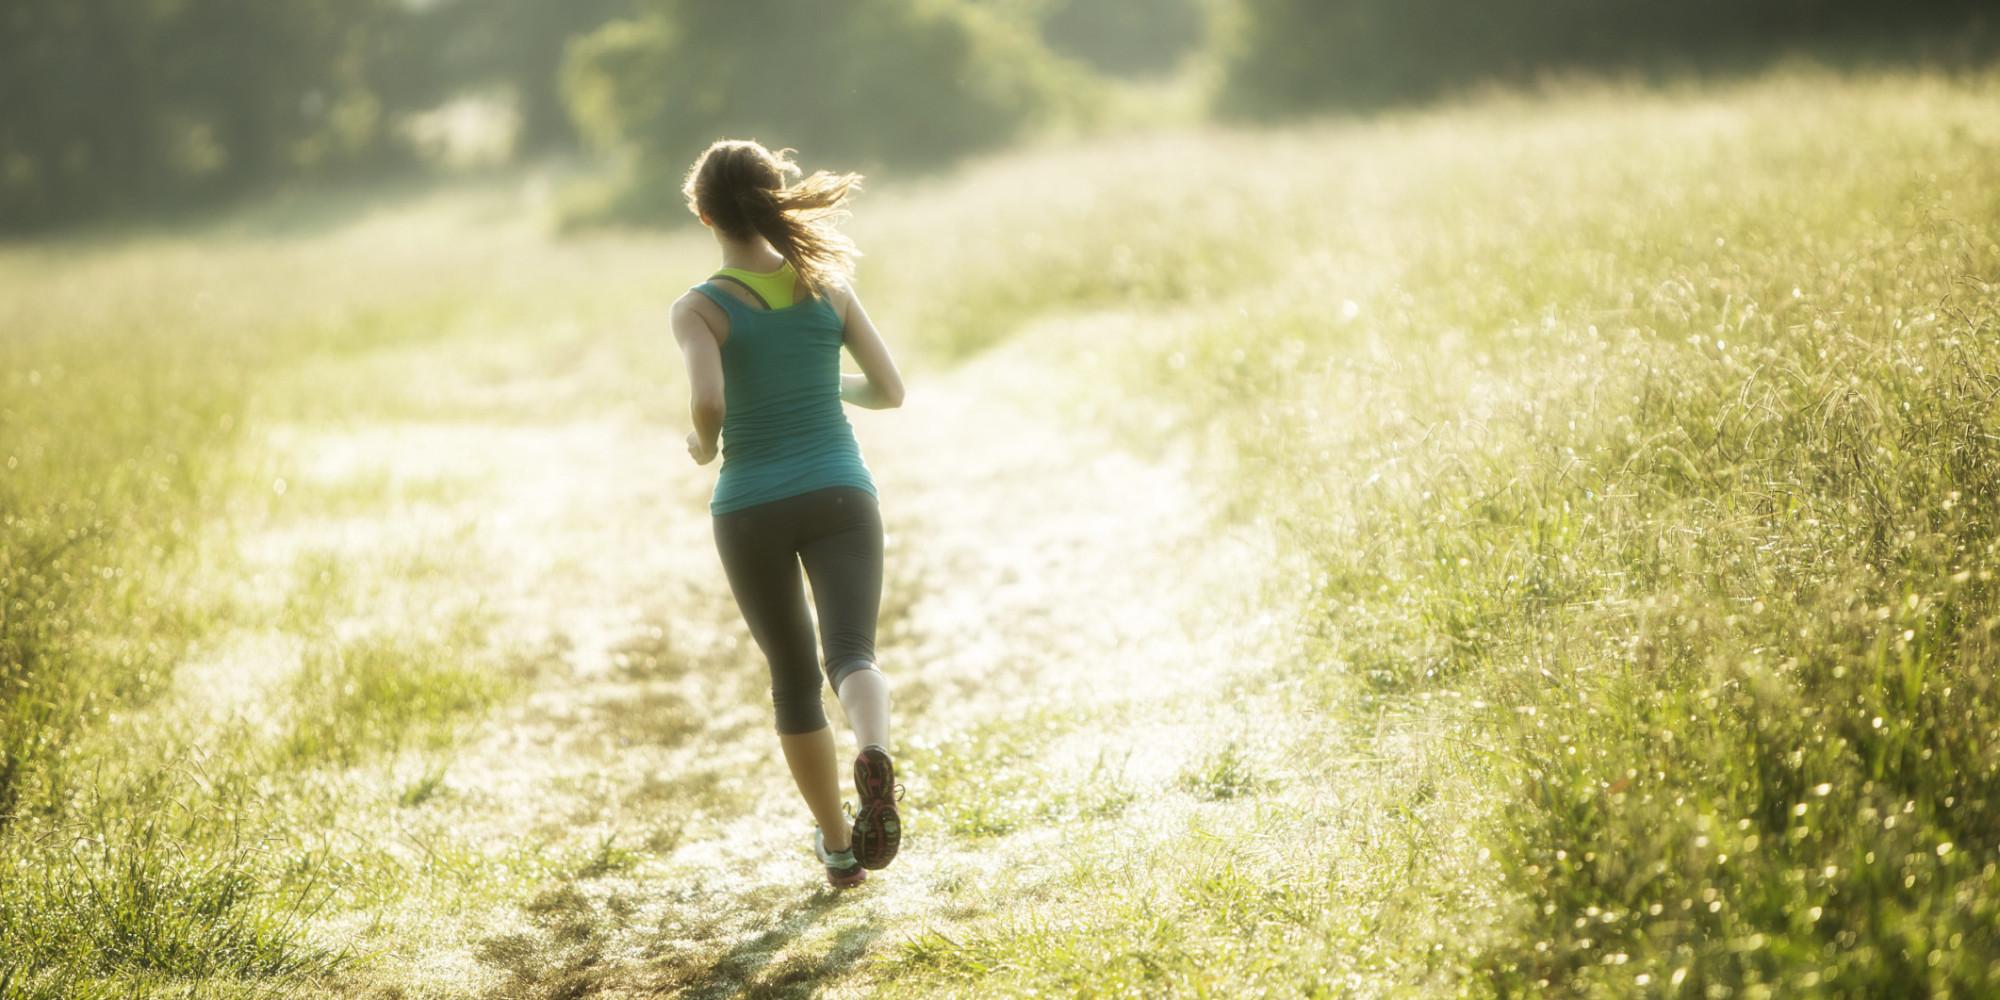 Female run photos 29